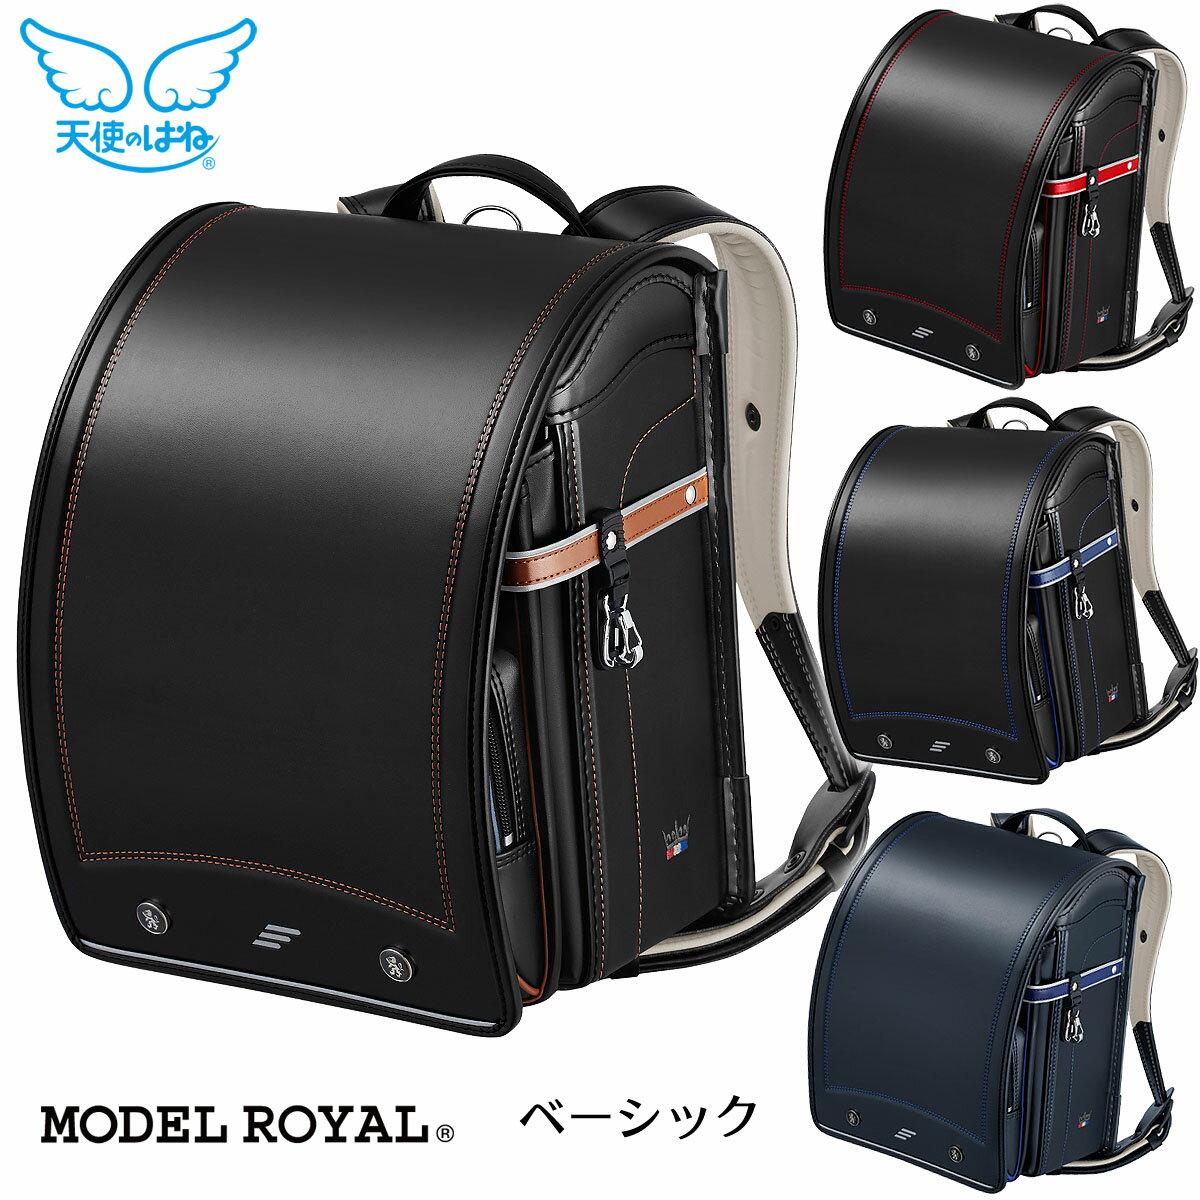 バッグ・ランドセル, ランドセル 500OFF 2022 RND-MR21B MODEL ROYAL BASIC RND-MR21B